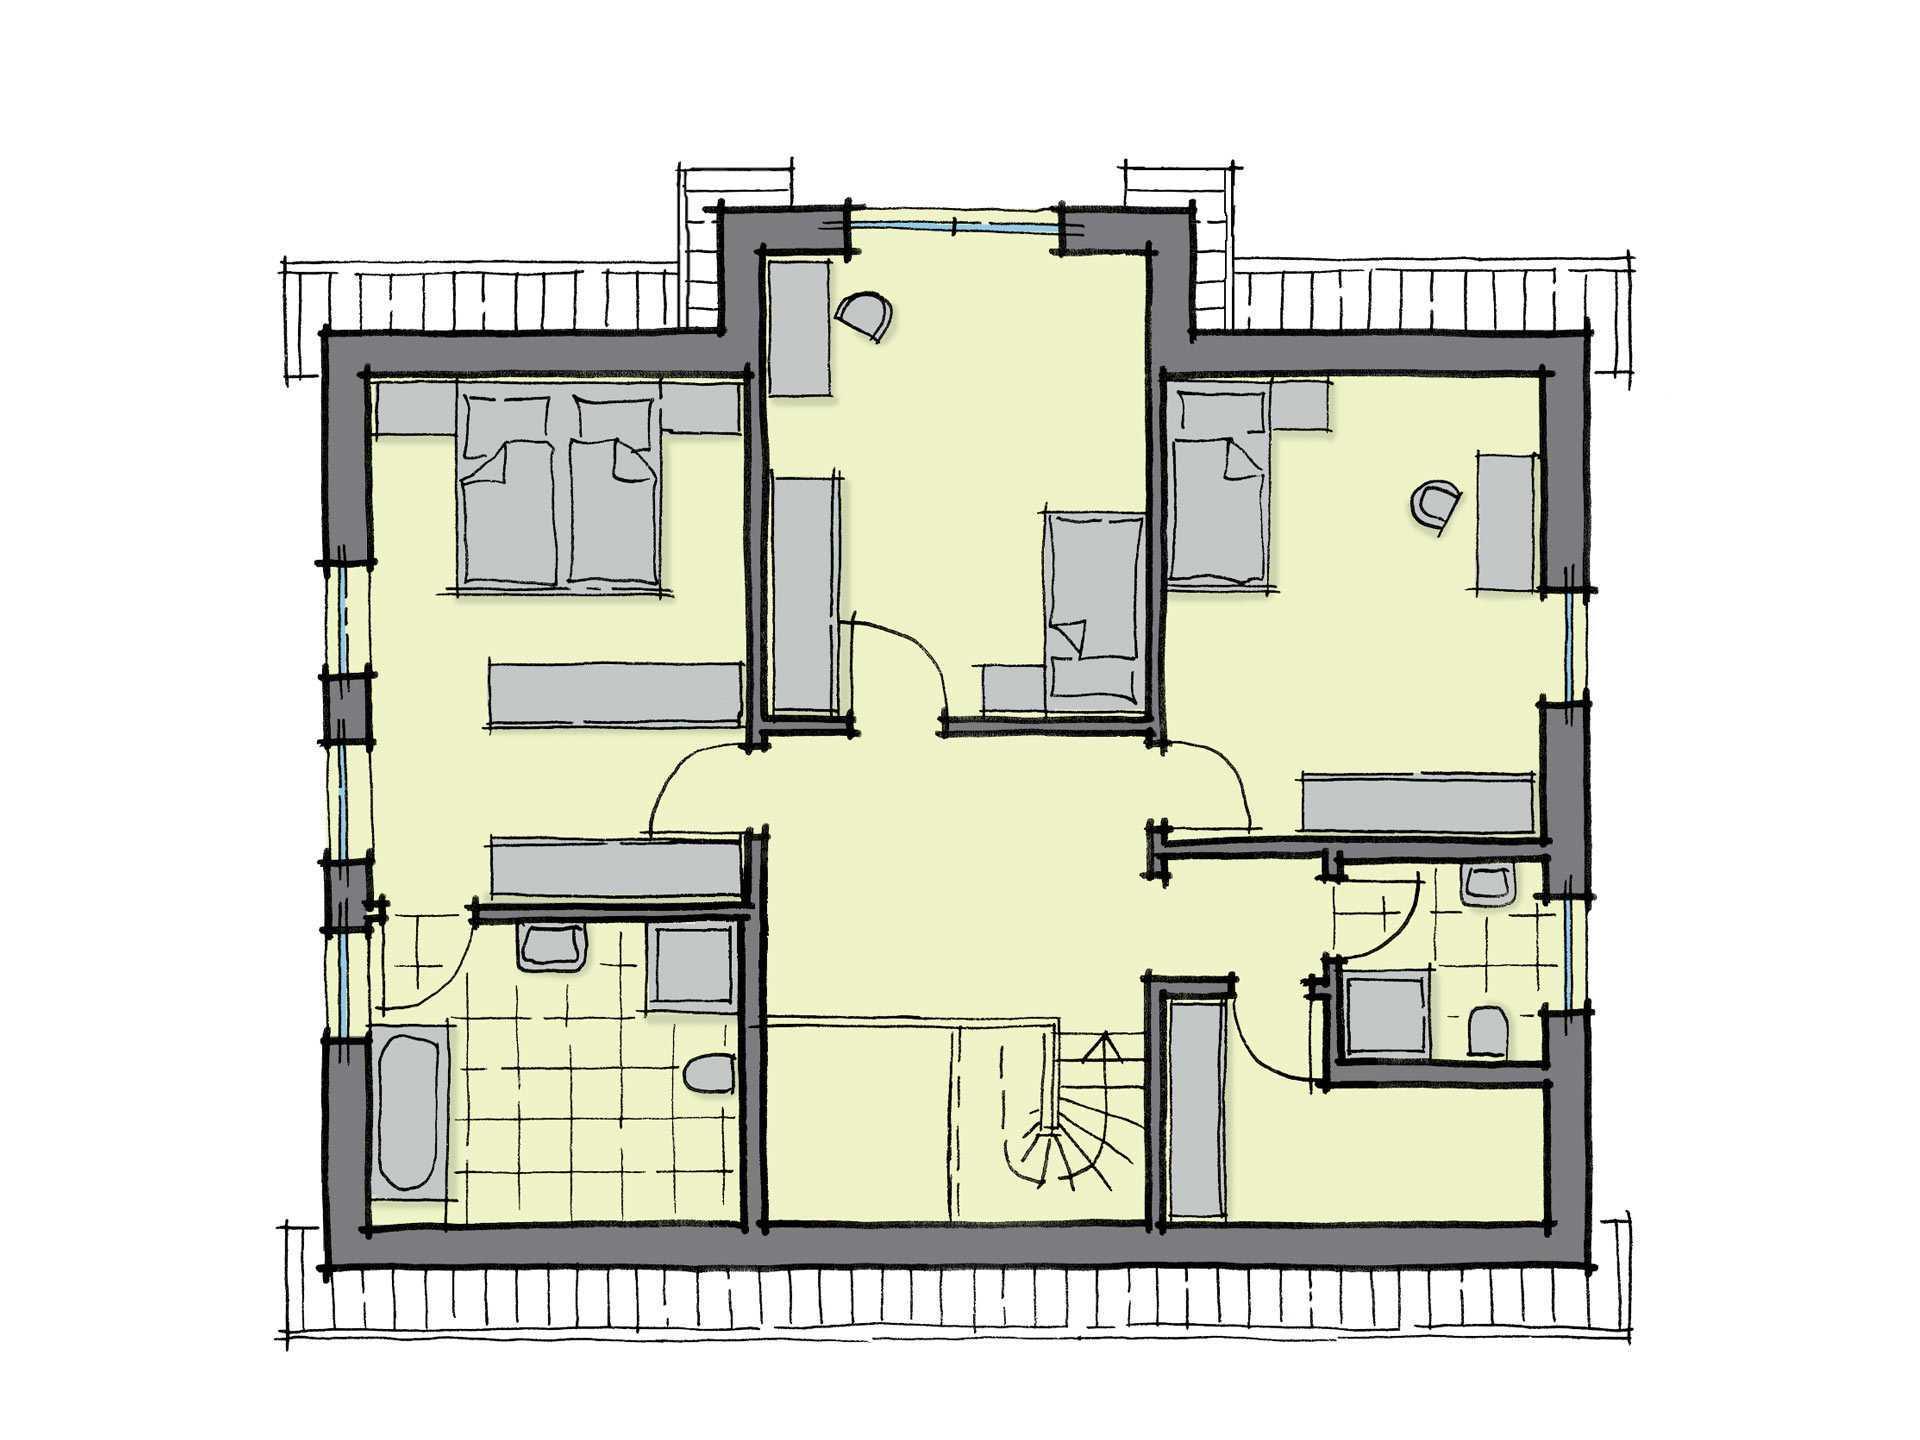 Kiefernallee WL 40 Grundriss von GUSSEK HAUS